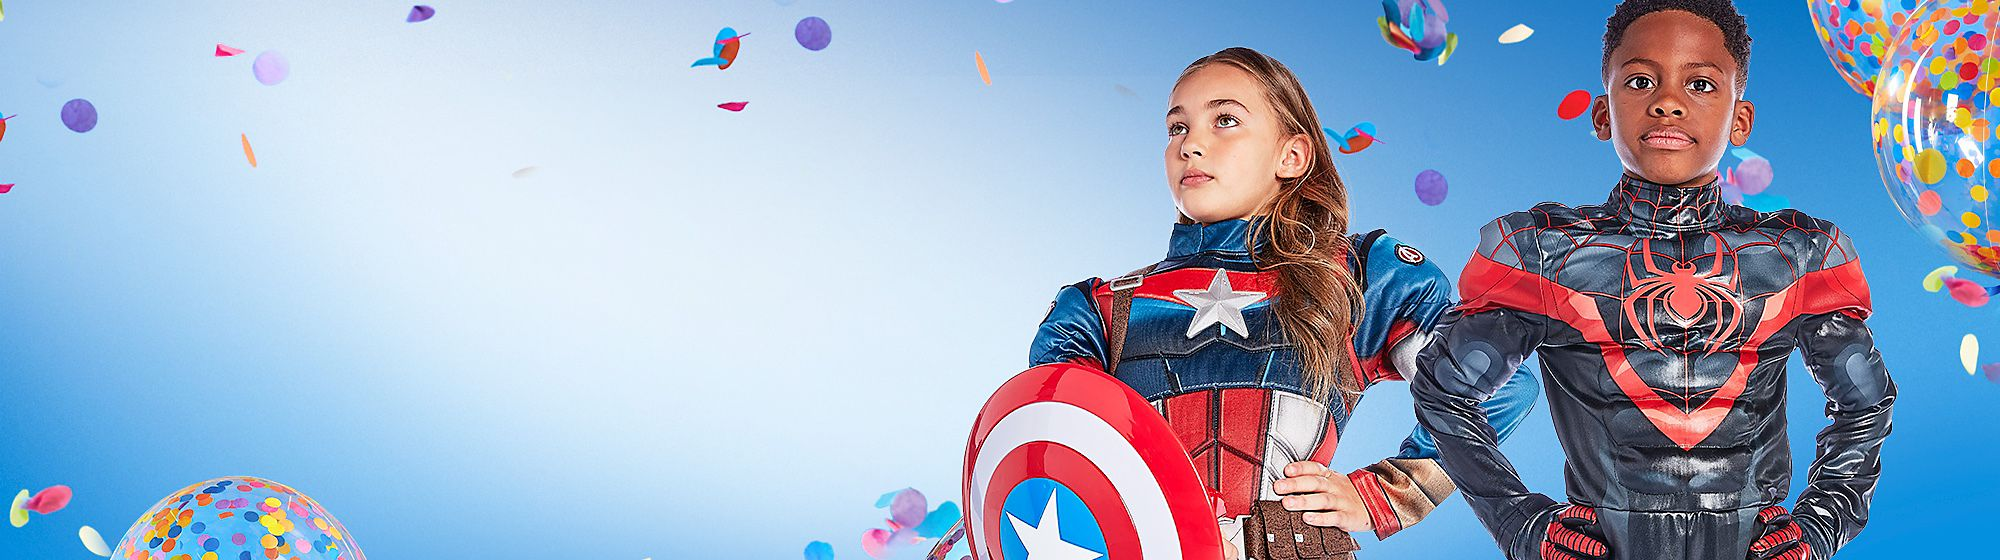 Super-Hero Kostüme Begib dich auf actionreiche Abenteuer mit unseren offiziellen Kostümen der Superhelden von Disney, Star Wars und Marvel für Jungs und Mädchen. Erlebe die Welt als Spider-Man, Iron Man, Buzz Lightyear oder Captain America mit den Kostümen der Helden und passenden Accessoires, wie Helmen, Laserschwertern und Stiefeln.